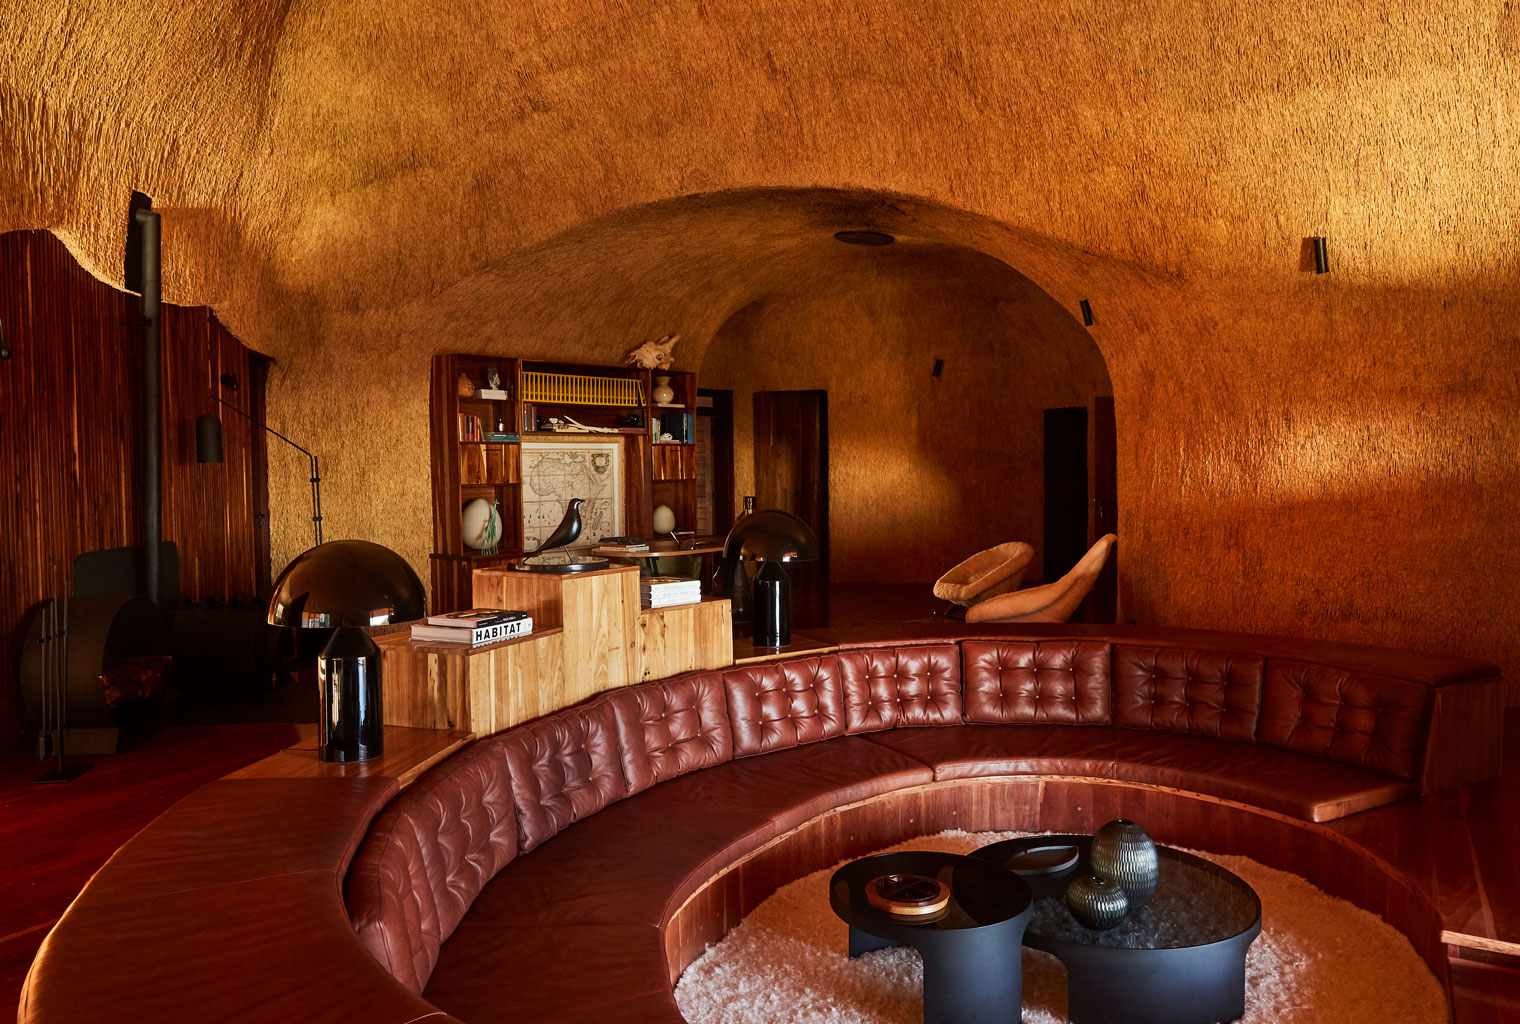 The-Nest-Lounge-Neuhof-Namibia